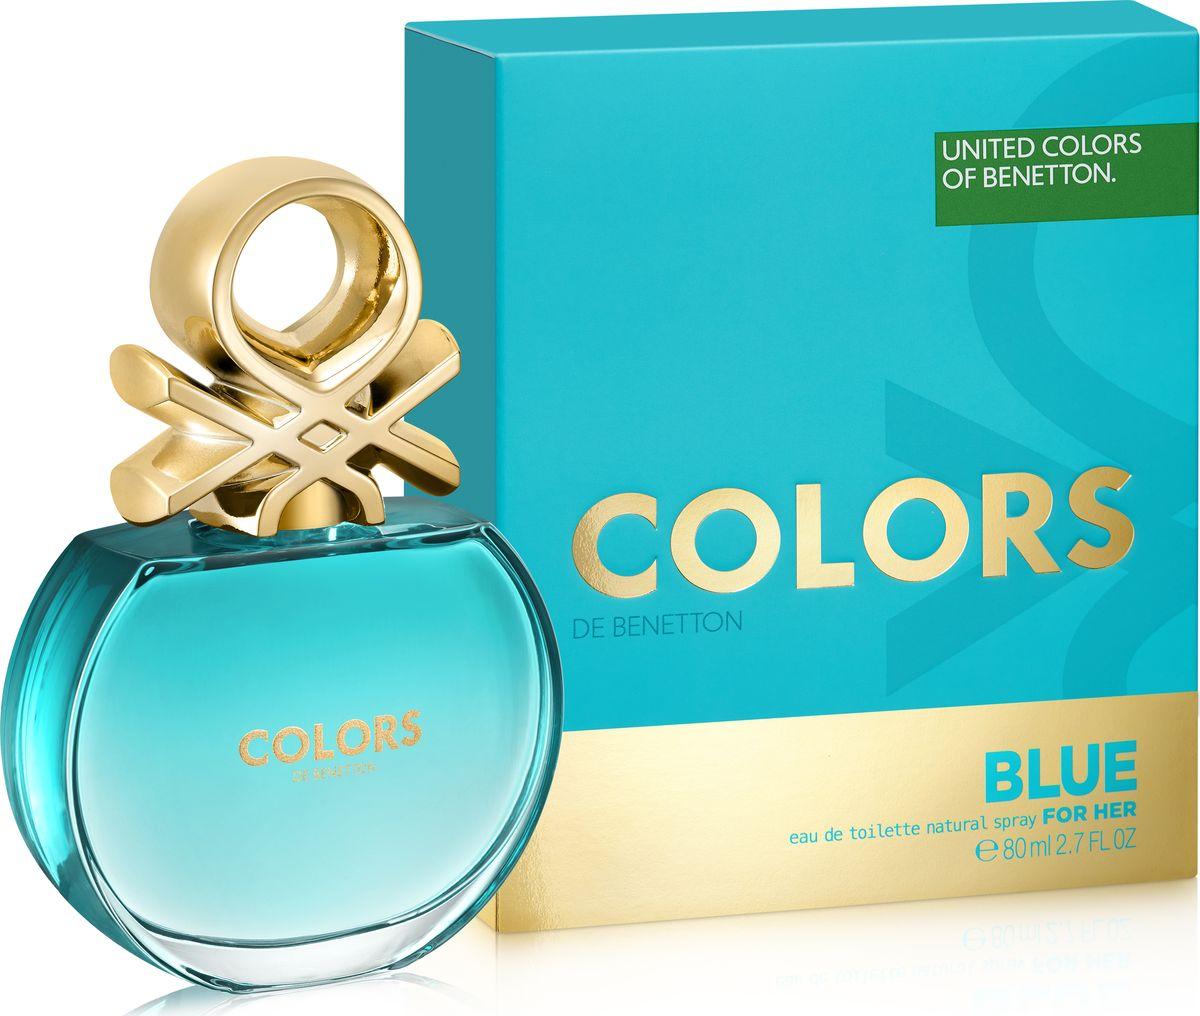 Benetton Colors Blue Туалетная вода женская 80 мл65113752Аромат в бирюзовом флаконе раскрывается яркой, искристой смесью севильского апельсина и энергичного юдзу. Женственные ноты нероли и характерные ноты чая матэ наделяют его элегантностью, подчеркнутой прозрачной фрезией. В базе чистая и чувственная свежесть бобов тонка переплетается с характером кедра и тягучестью мускуса. Аромат с индивидуальностью. Совершенно неотразимый. Верхняя нота: Севильский апельсин, Лимон, Юдзу Средняя нота: Апельсиновый цвет, Фрезия, Матэ Шлейф: Тонизирующие ноты матэ с ломтиком цитрусовых. Бодрящий, яркий, живой Нанести на кожу, избегая попадания в глаза.